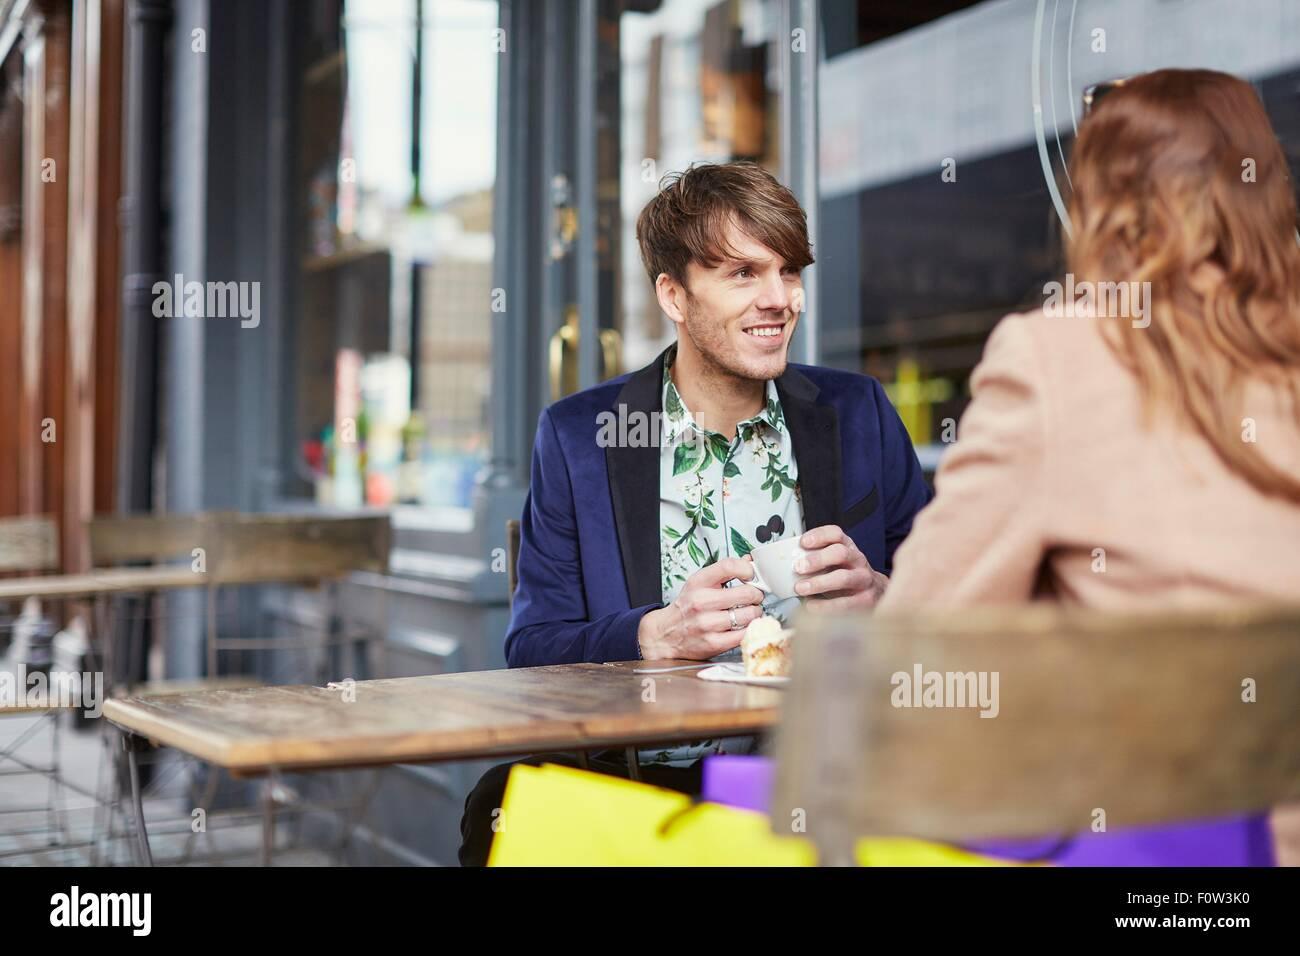 Plus d'épaule de couple chatting at sidewalk cafe, London, UK Banque D'Images